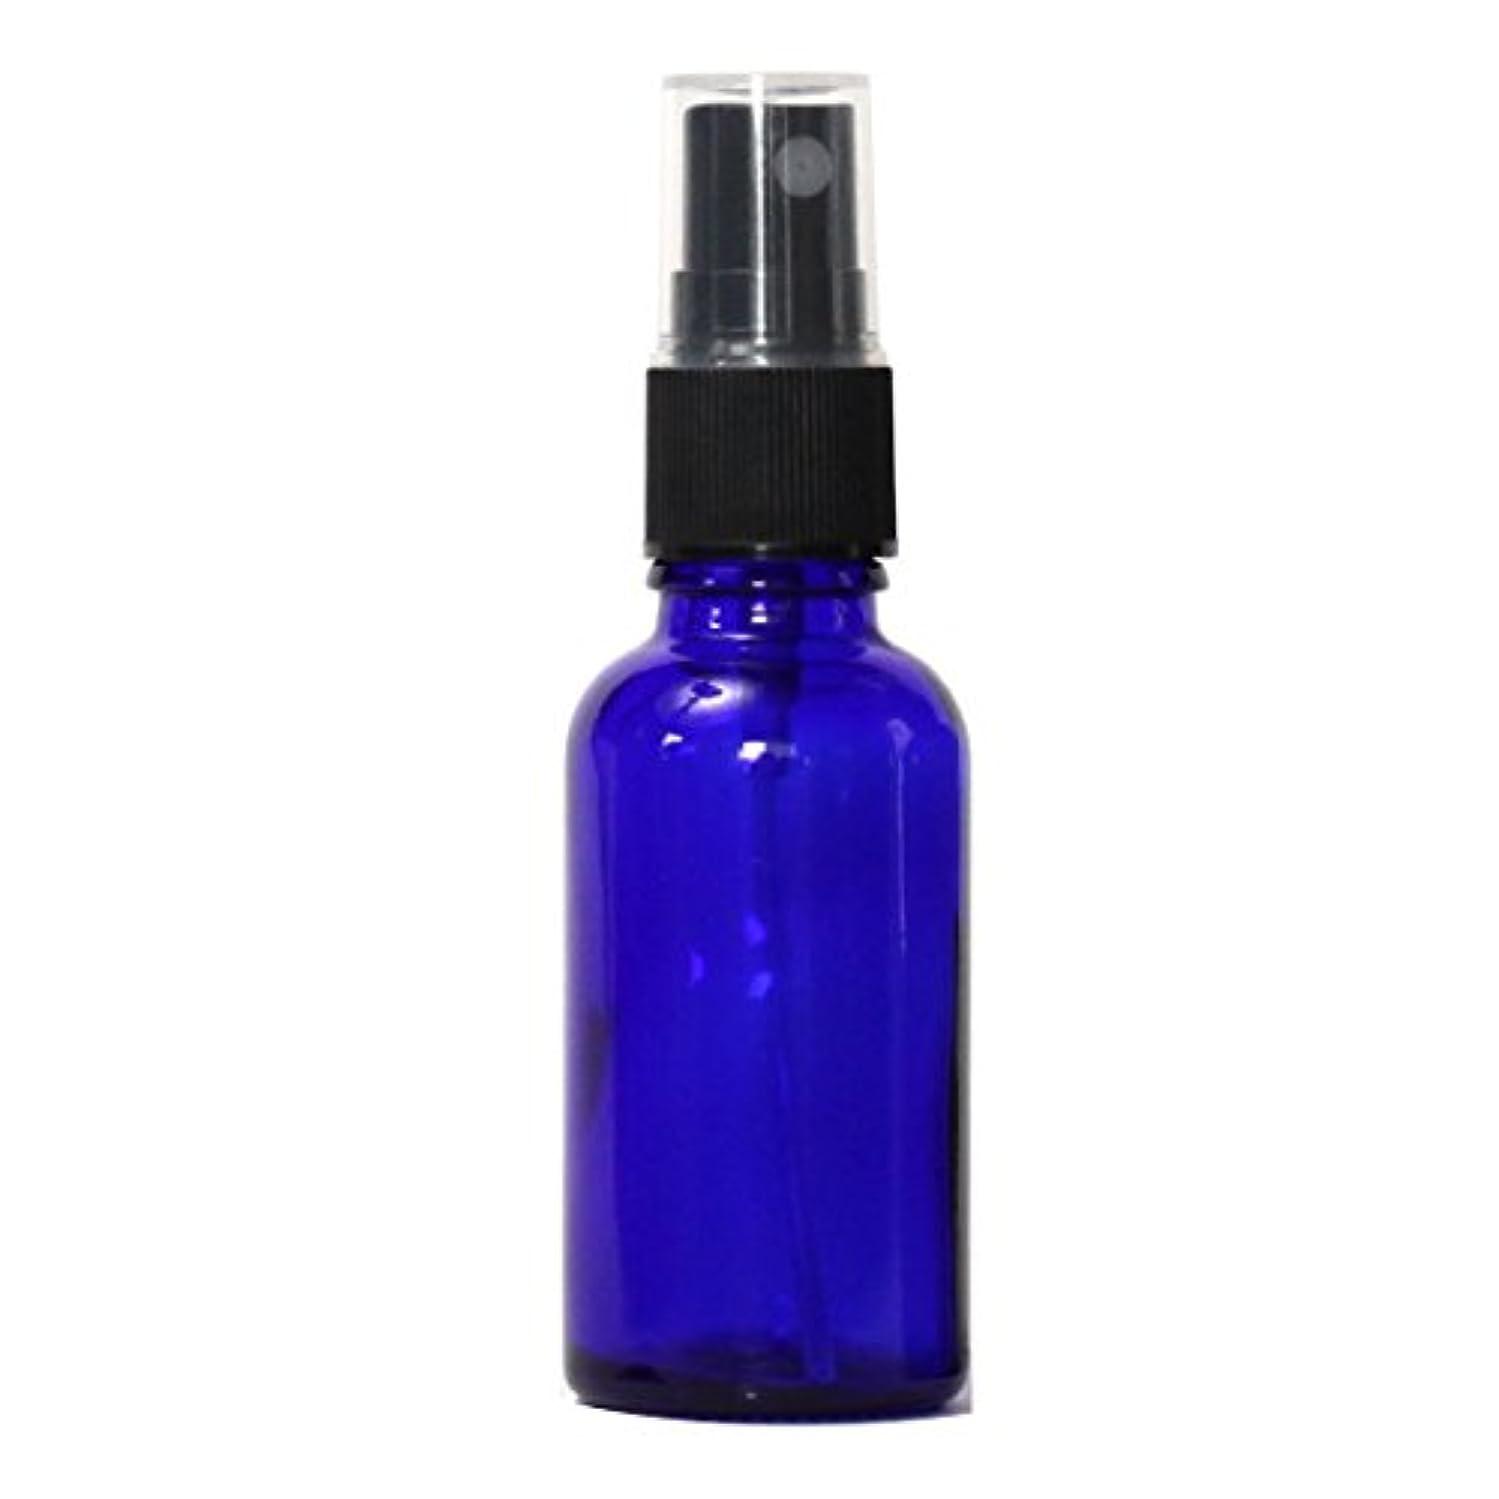 側として優雅なスプレーガラス瓶ボトル 30mL 遮光性ブルー おしゃれガラスアトマイザー 空容器